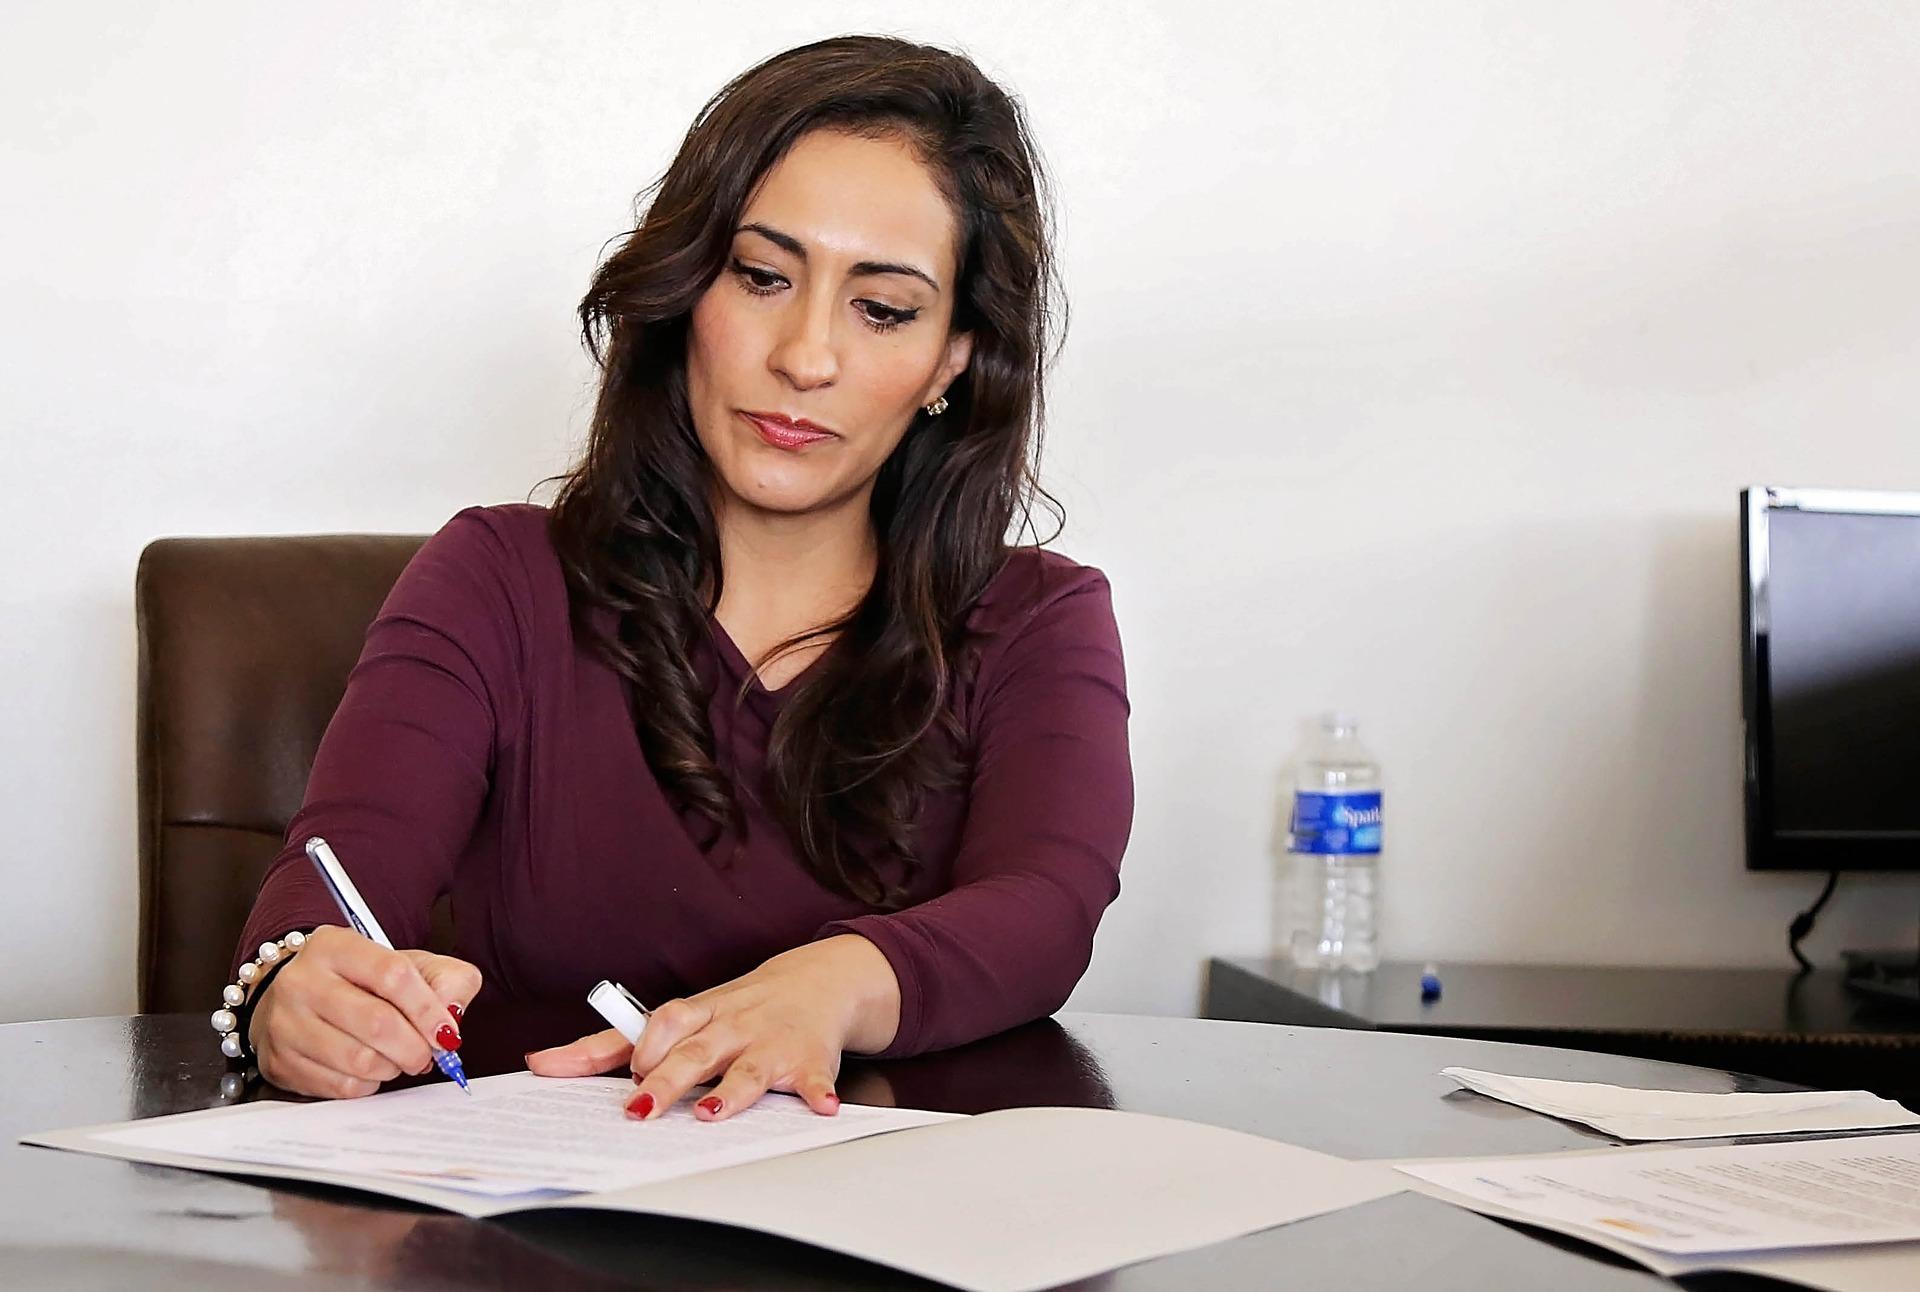 3 dolog, amitől sikeres lehet a nő munkahelyén